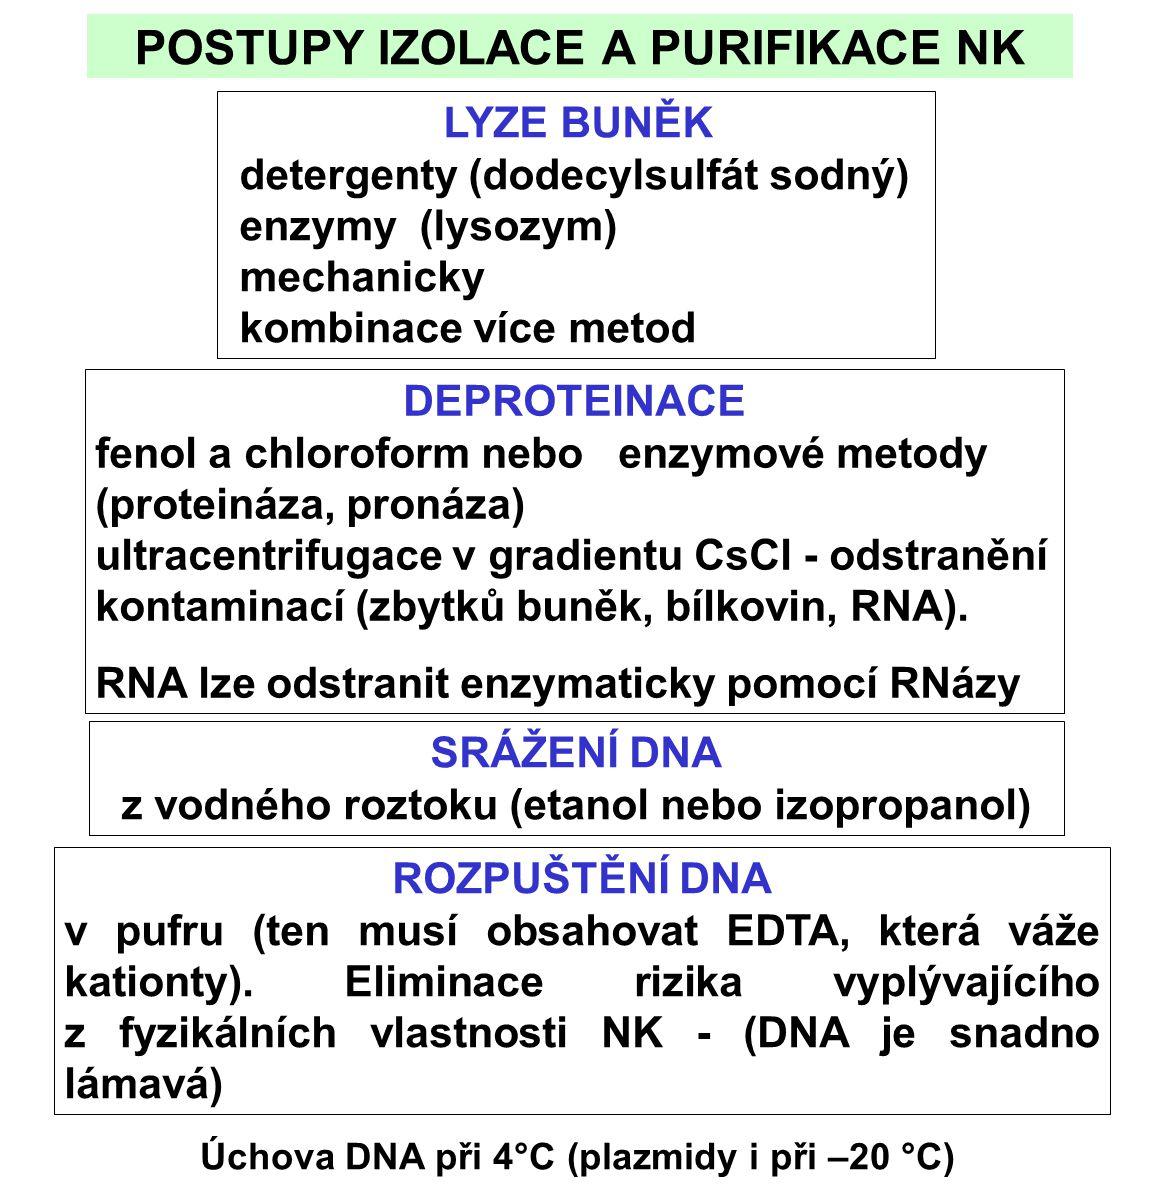 Izolace nukleových kyselin na chromatografických kolonkách